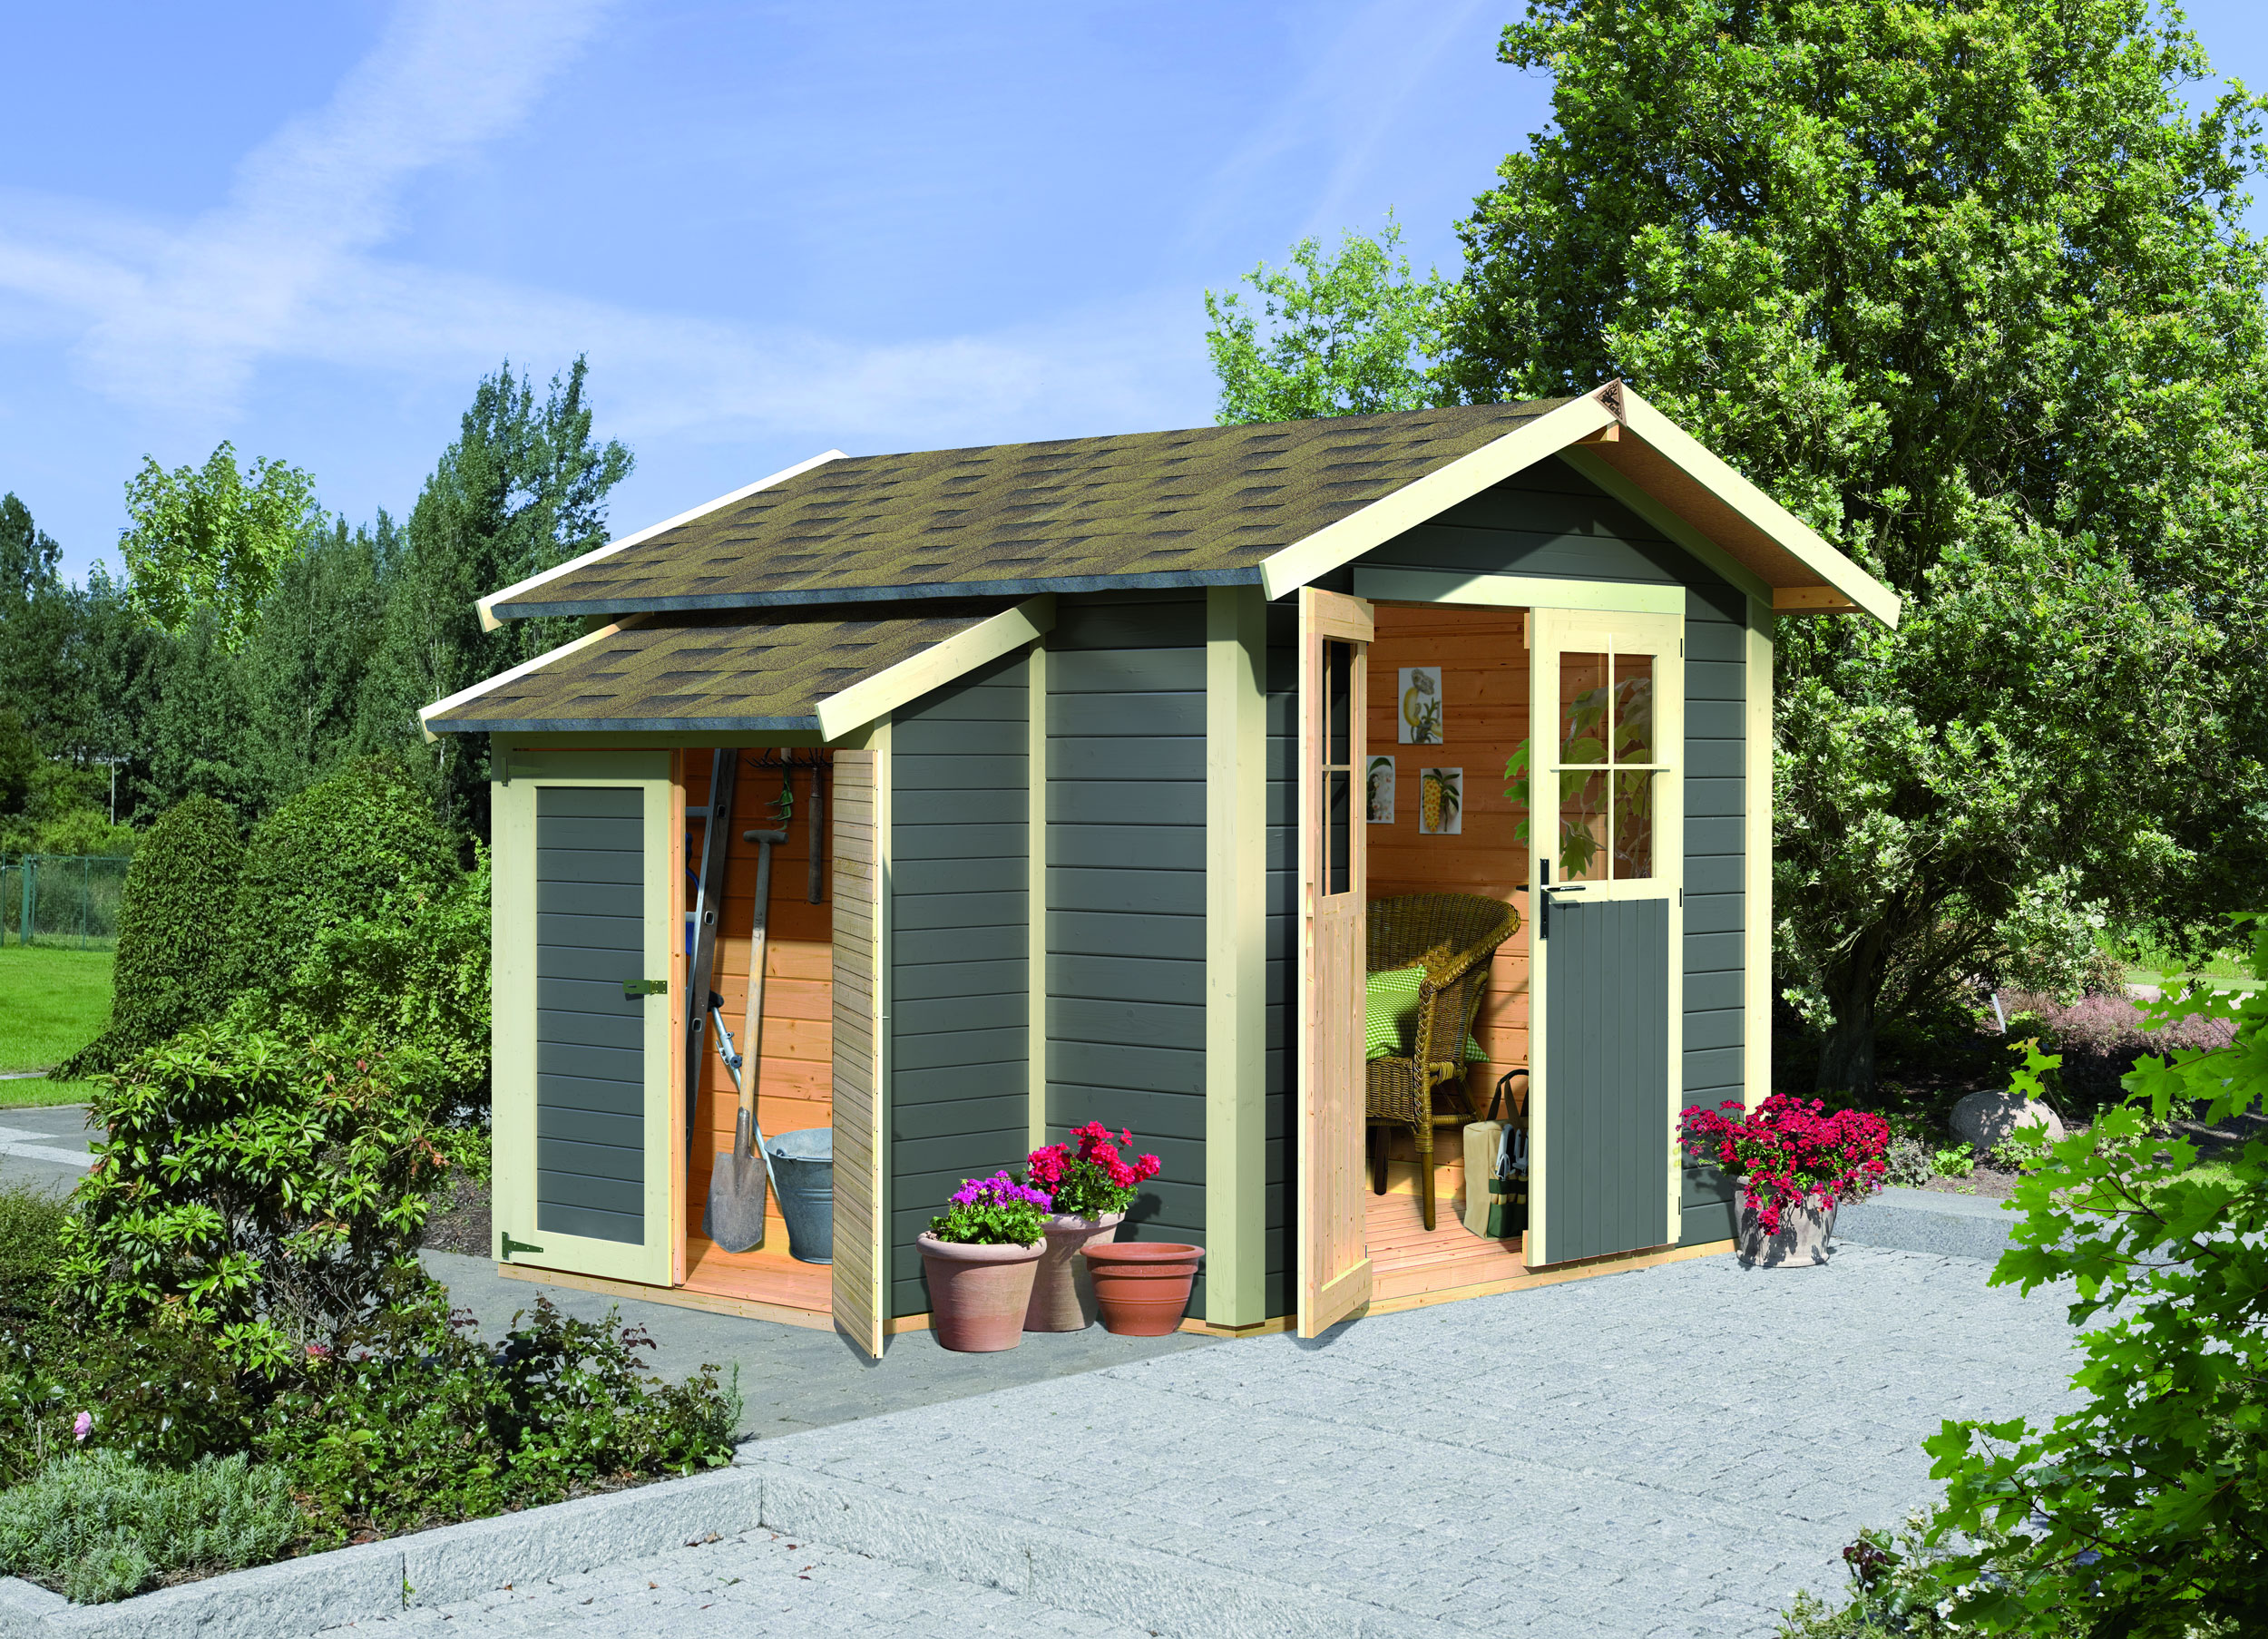 Gartenpavillon holz satteldach - Zaunelemente holz grau ...